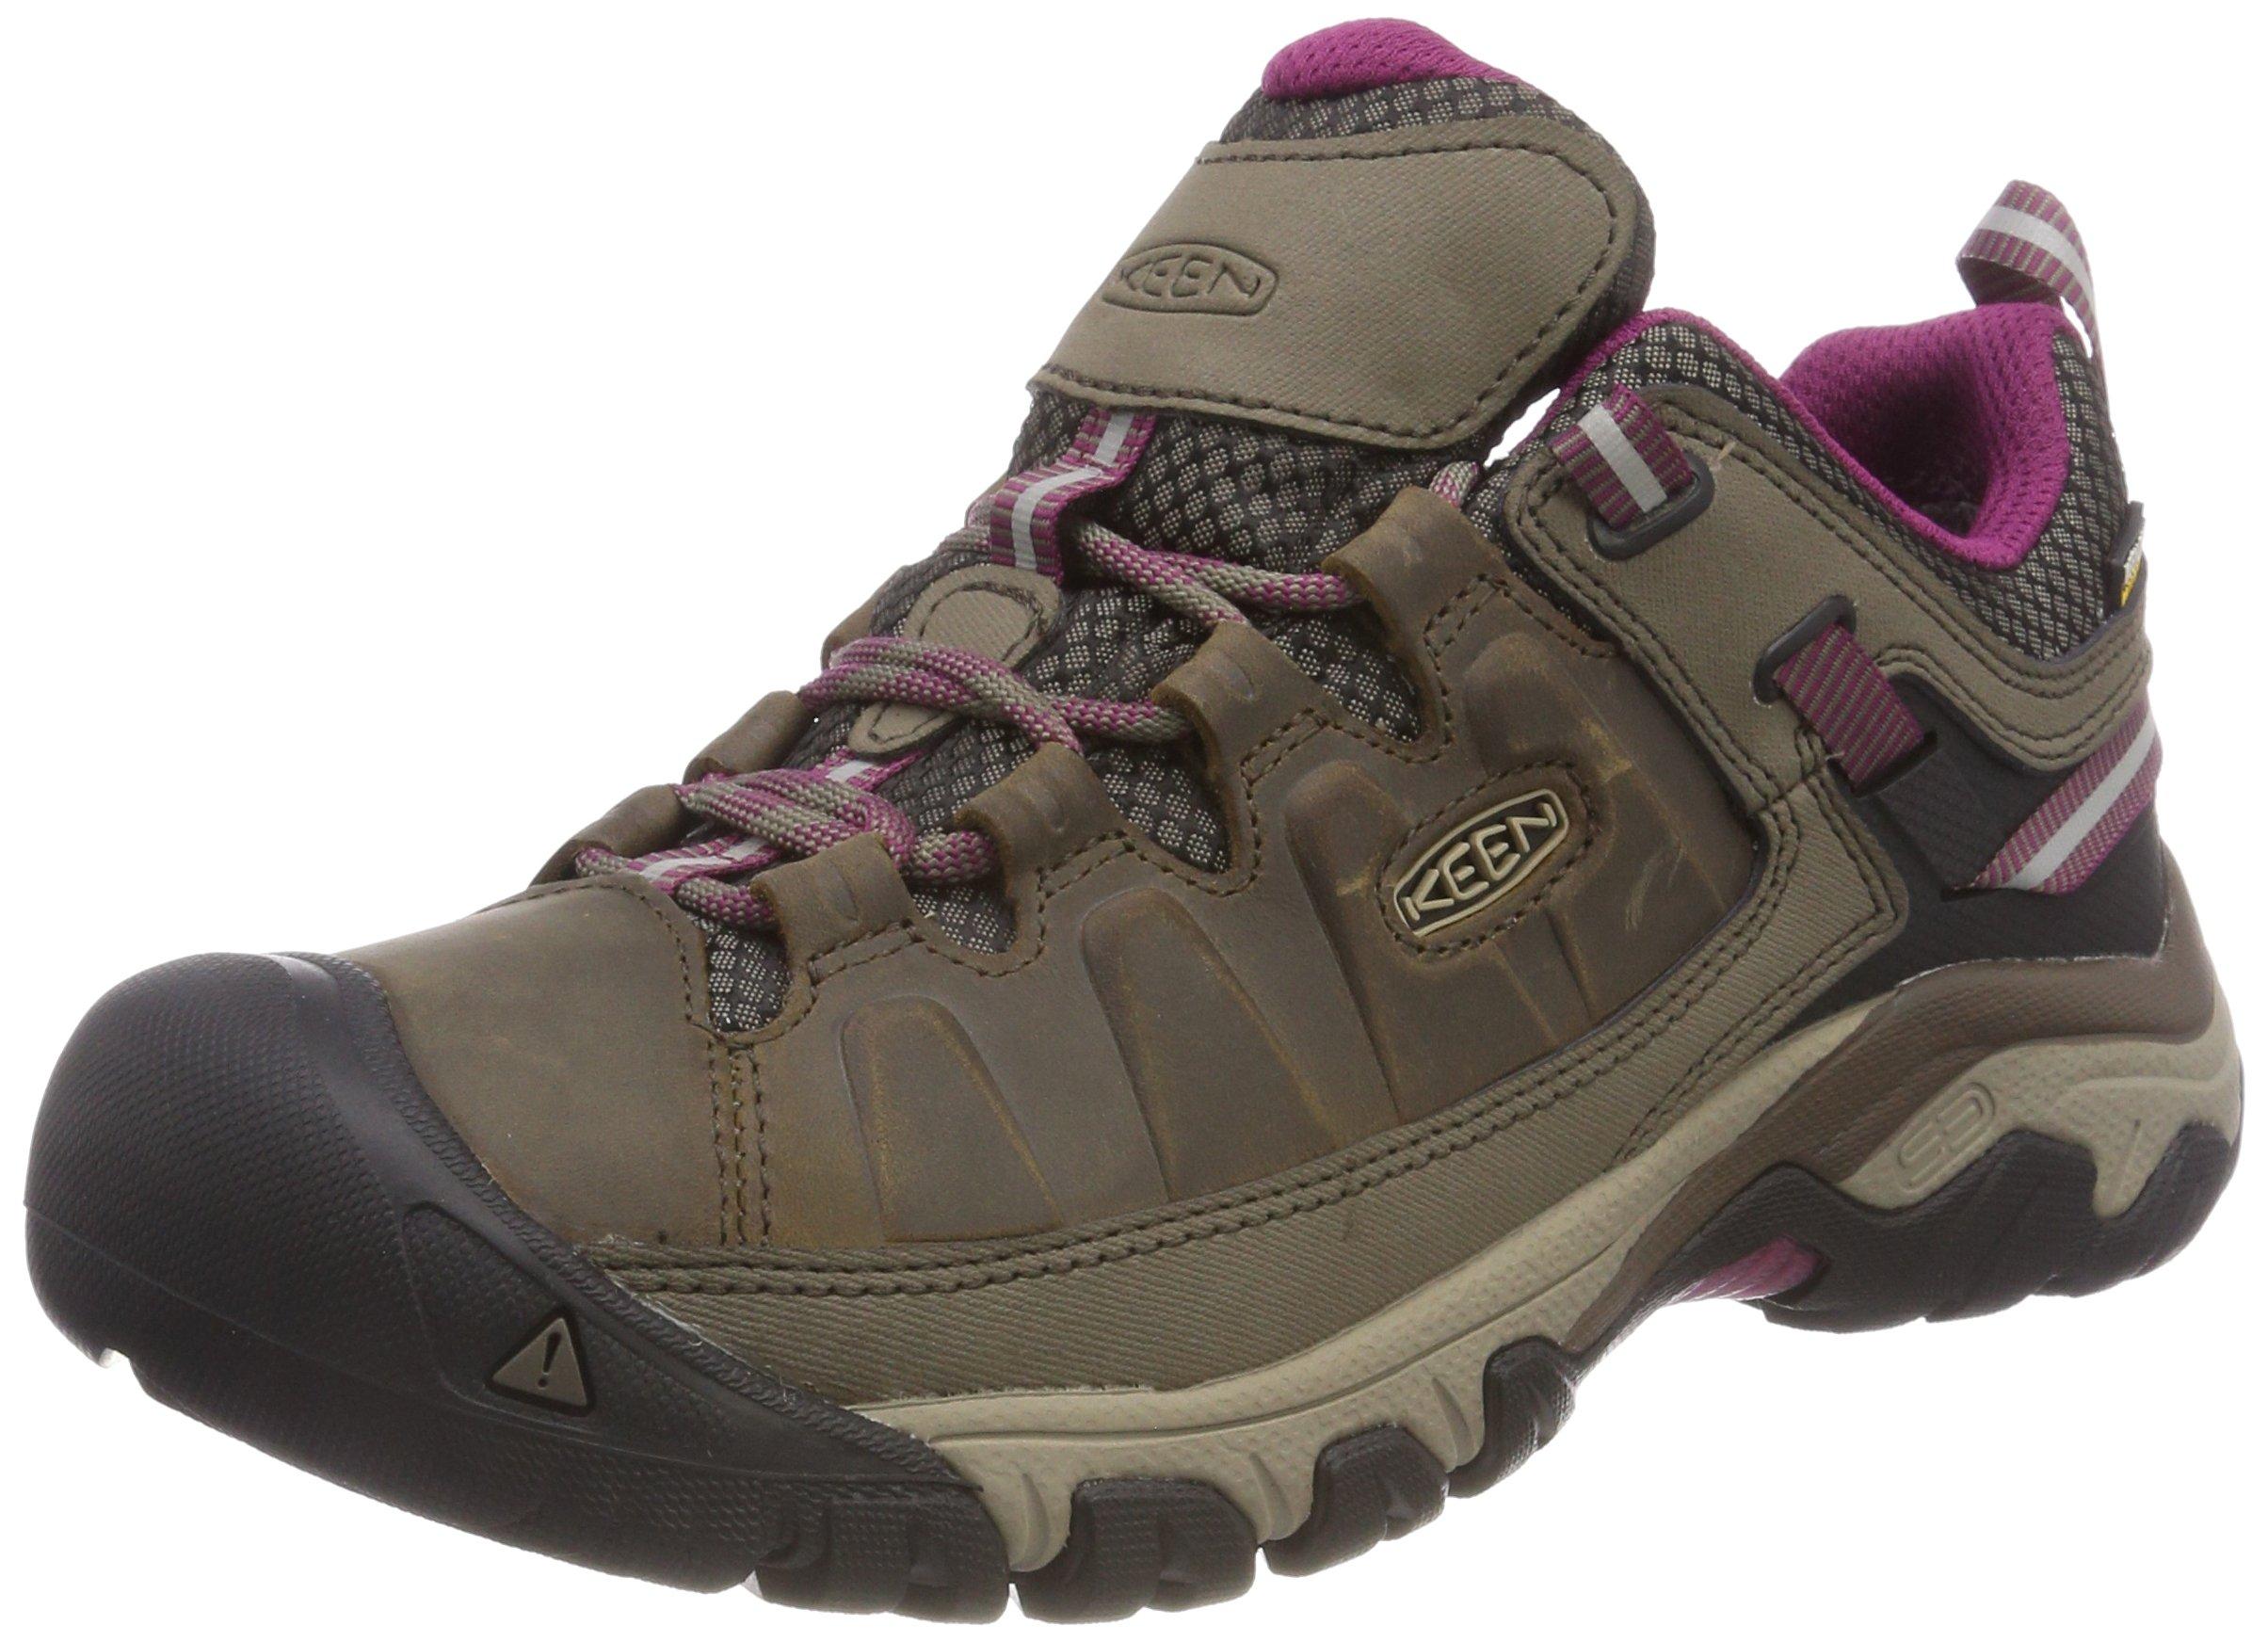 81 R1ZoWiPL - KEEN Women's Targhee Iii Wp Low Rise Hiking Shoes, 9